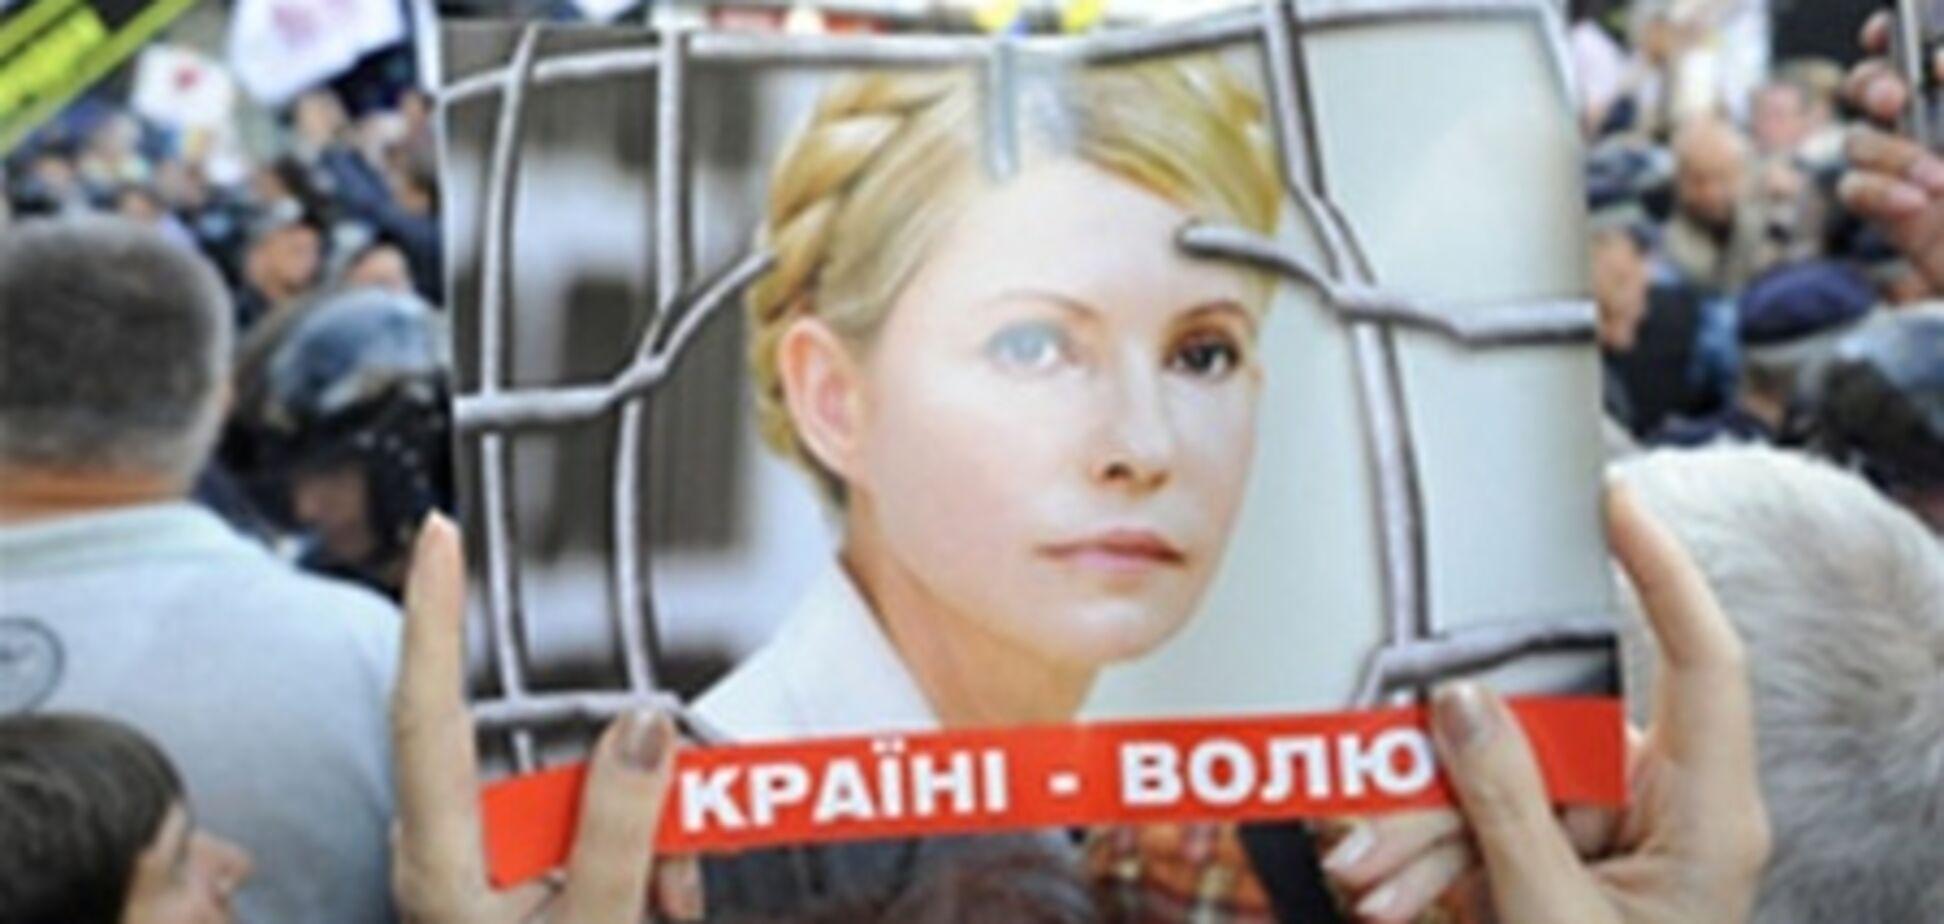 Міжнародні спостерігачі в шоці від українських судів